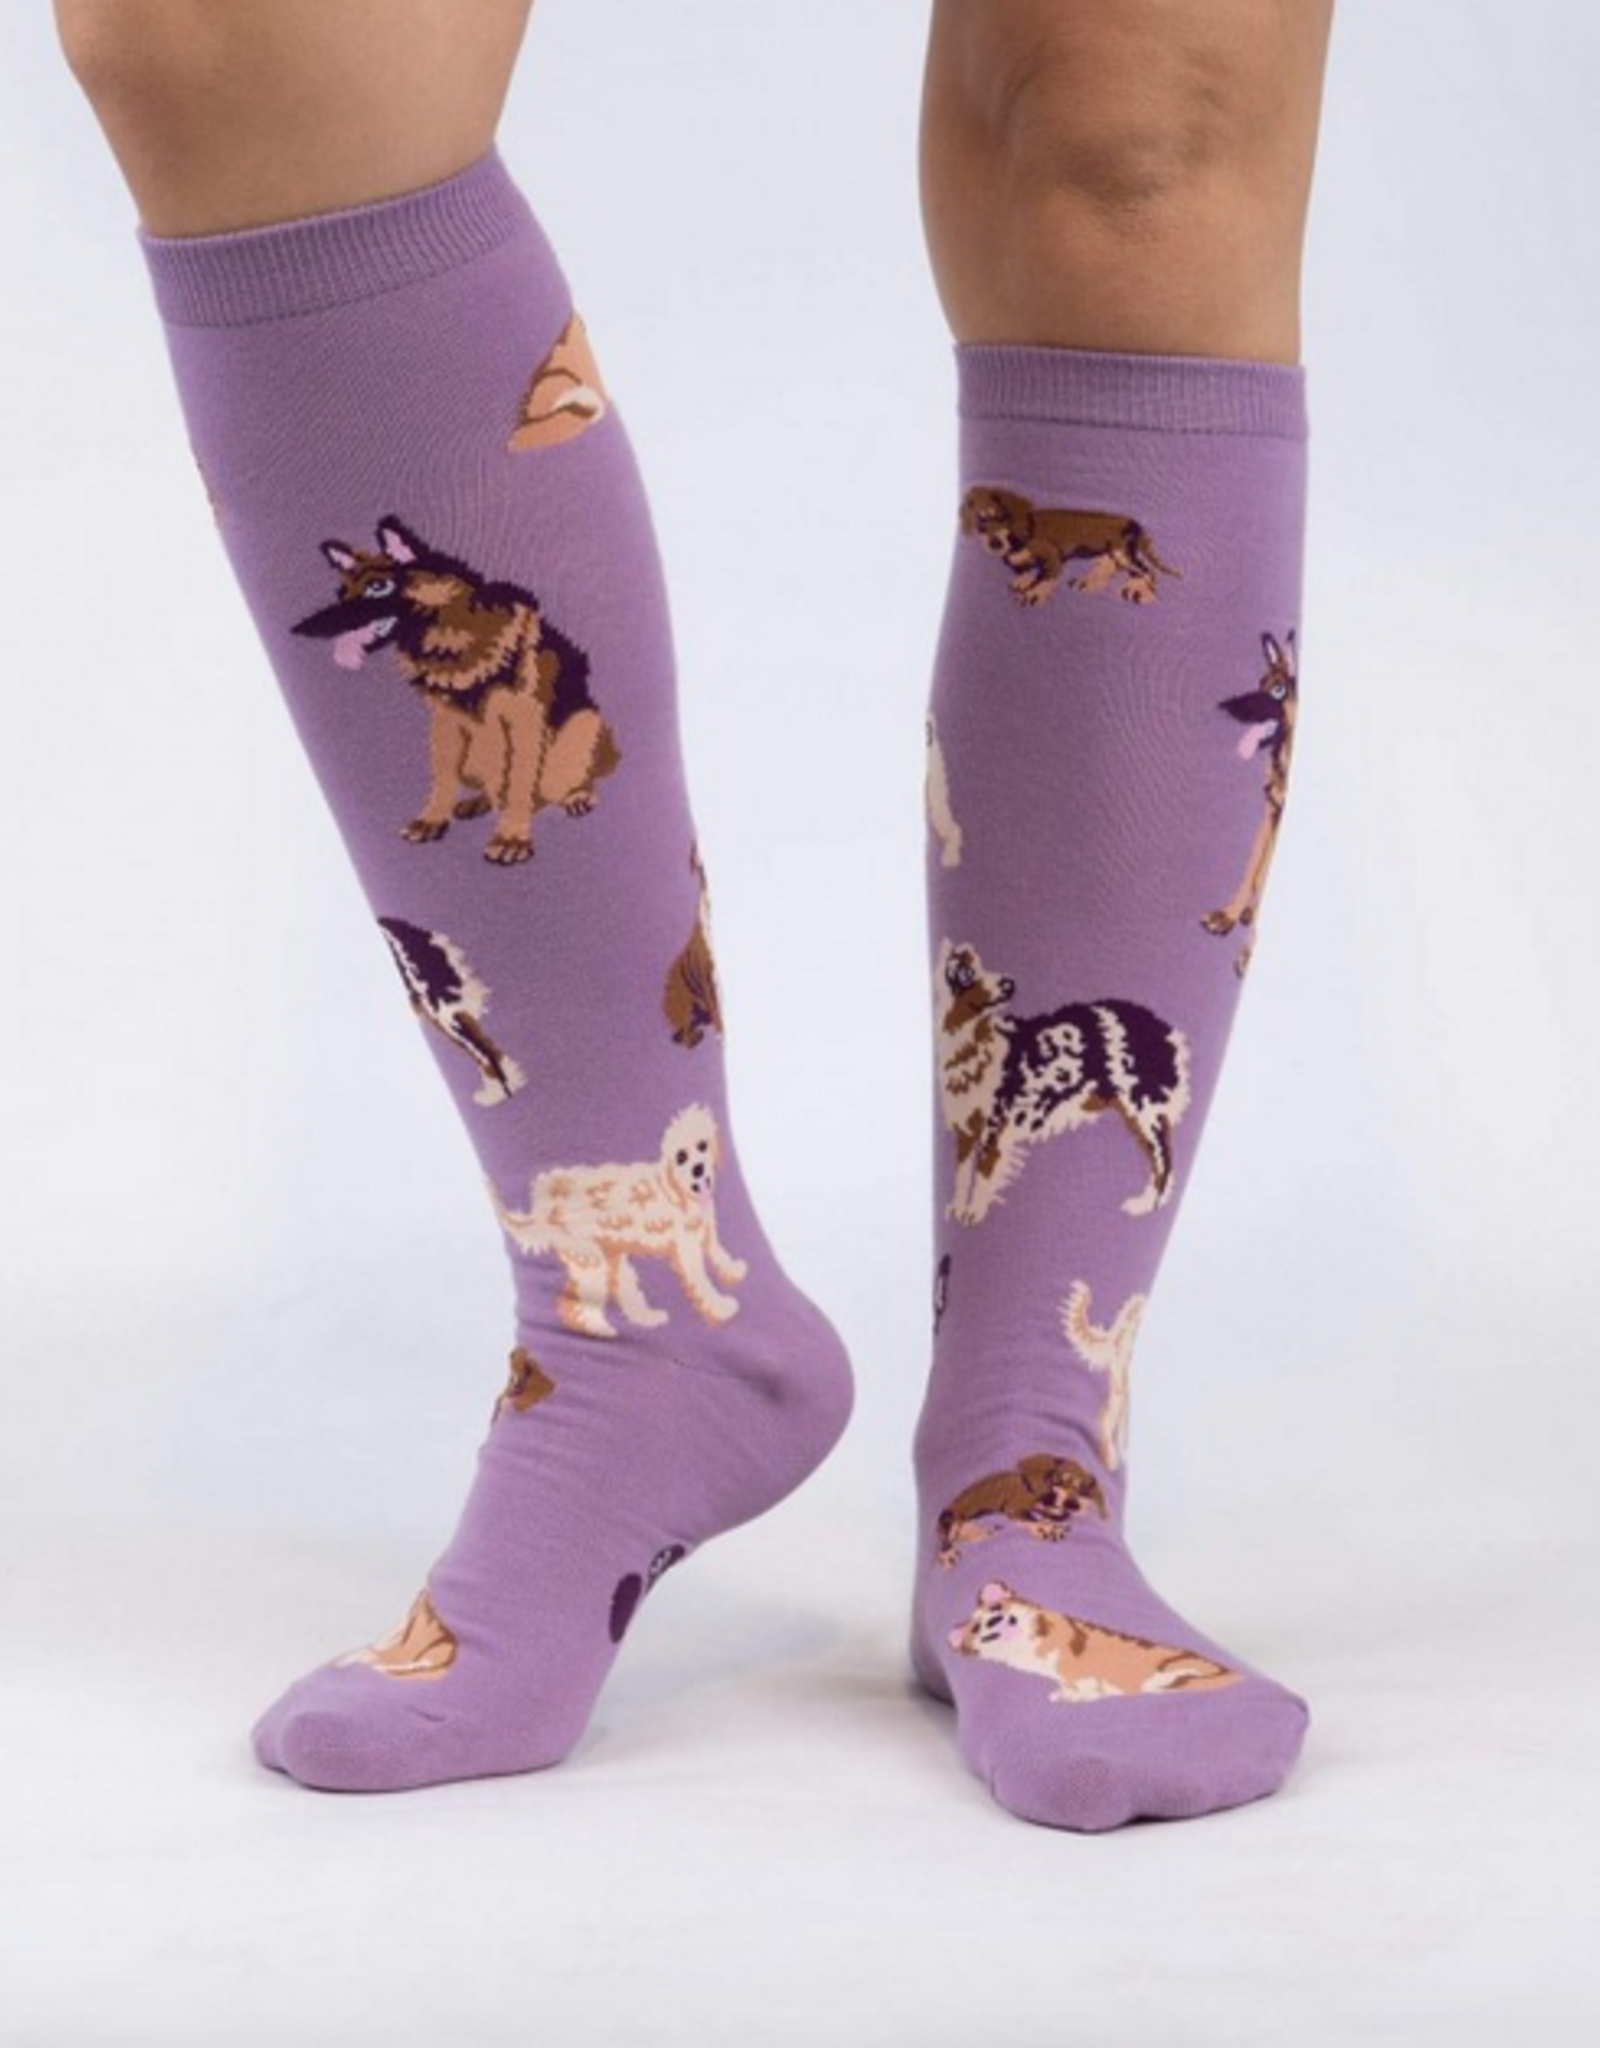 Sock It To Me Ladies' Knee High Socks